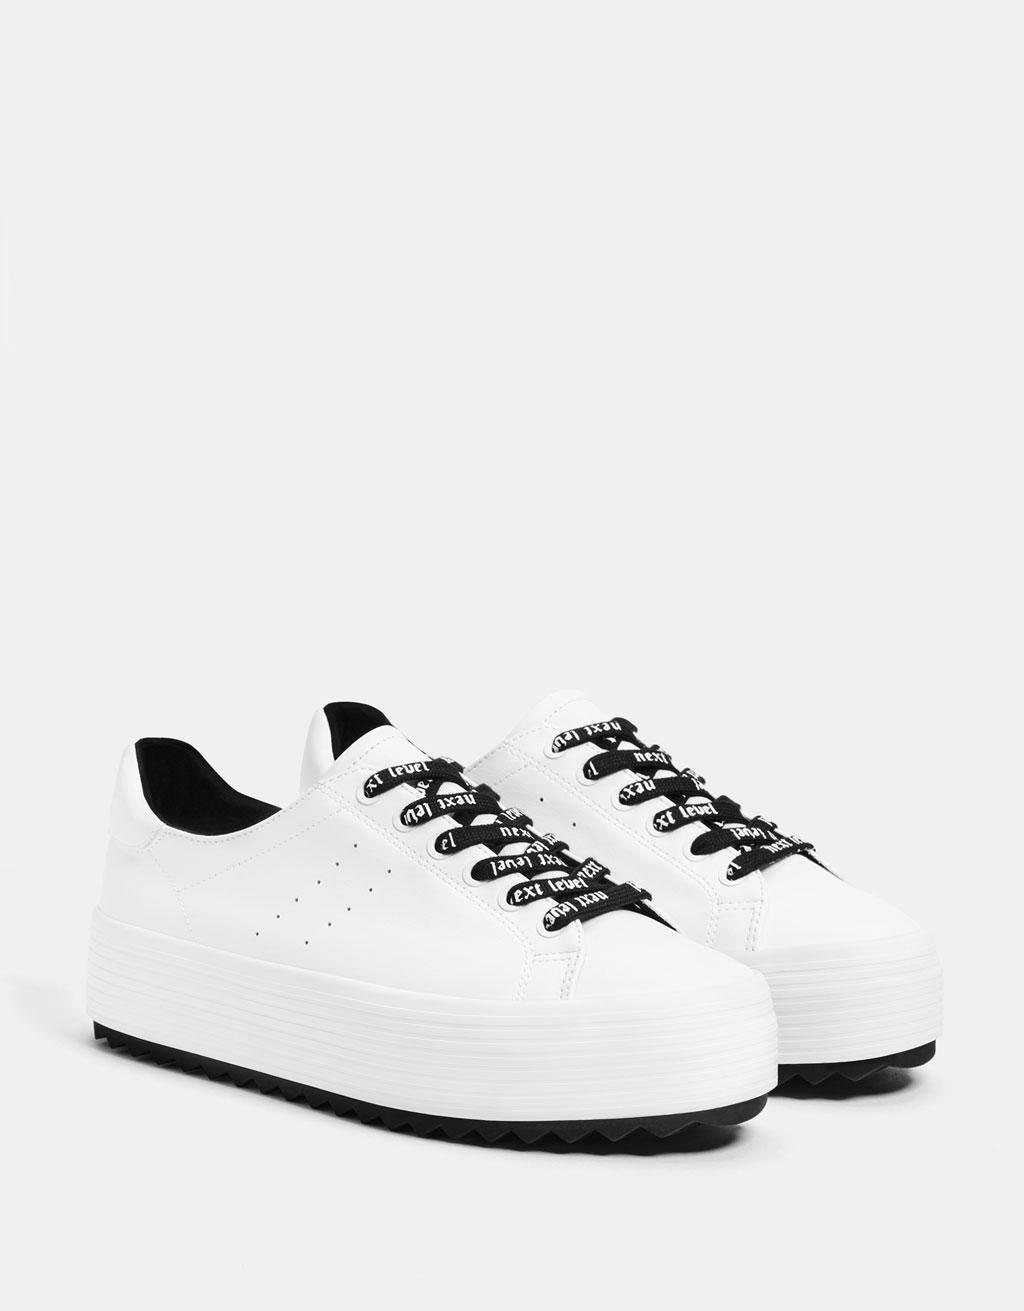 Zara Bayan Ayakkabı Modelleri 2019